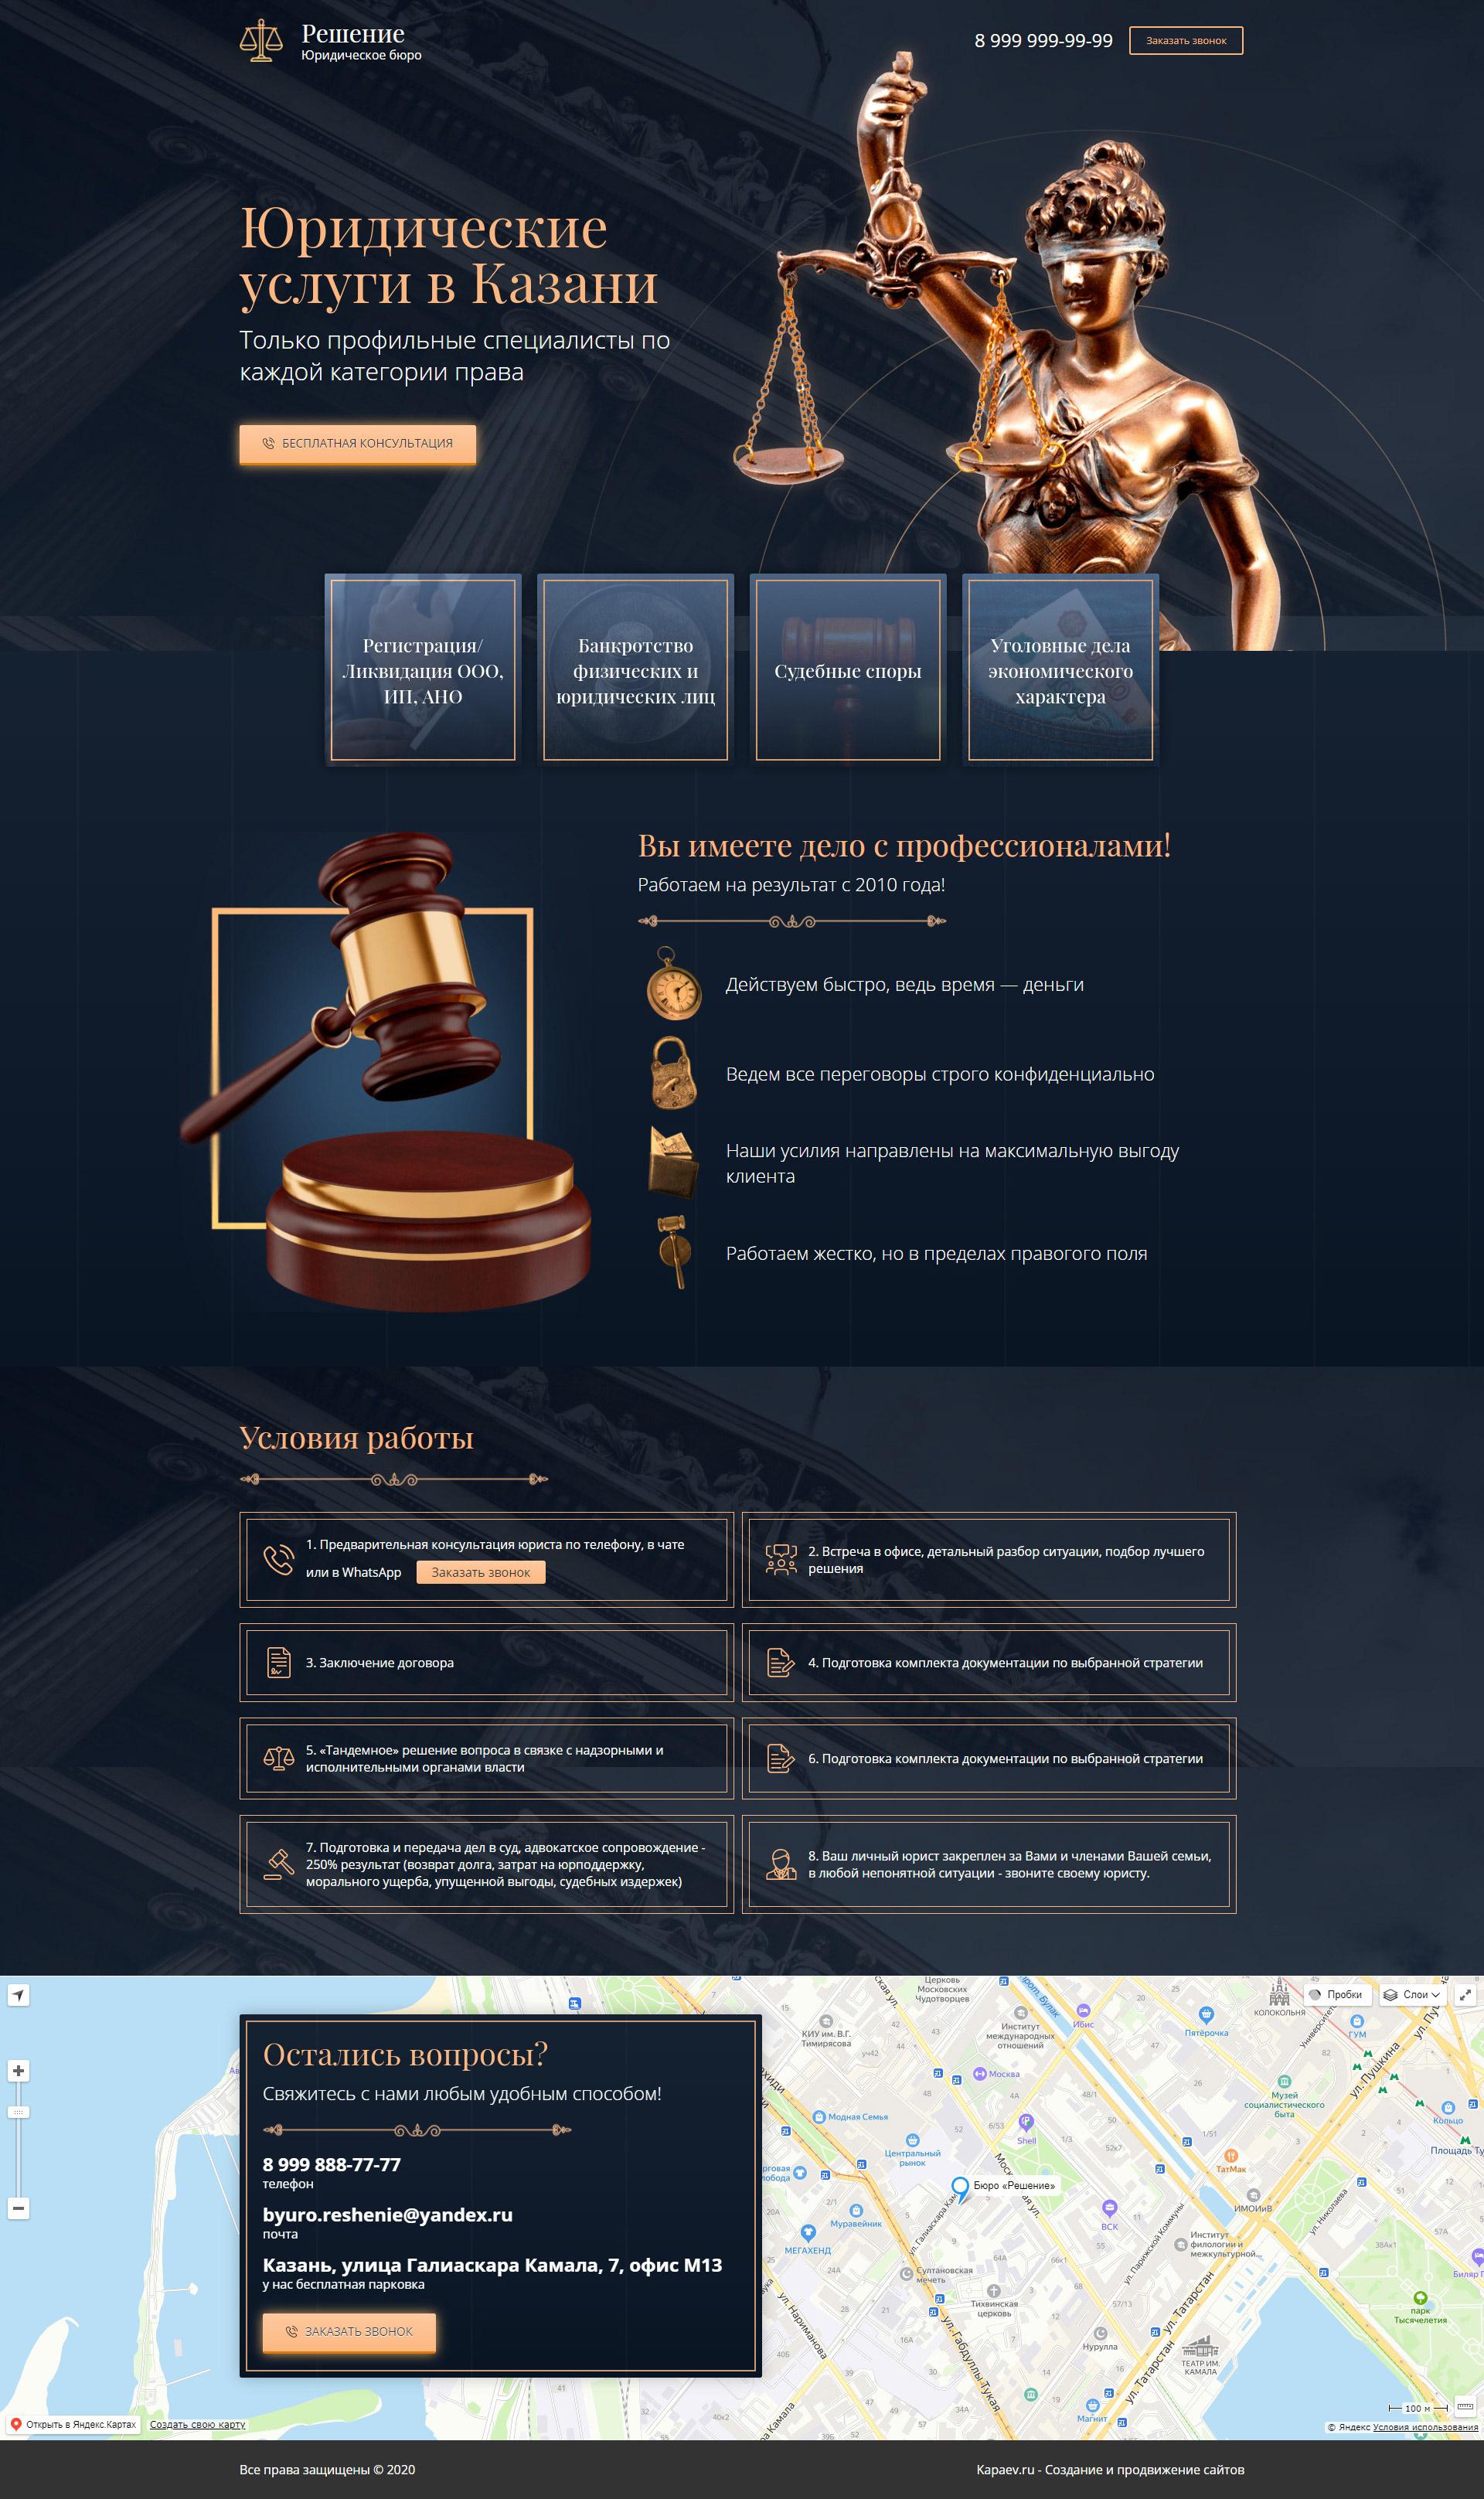 Кейс: Создание одностраничного сайта (Landing Page) для юридических услуг